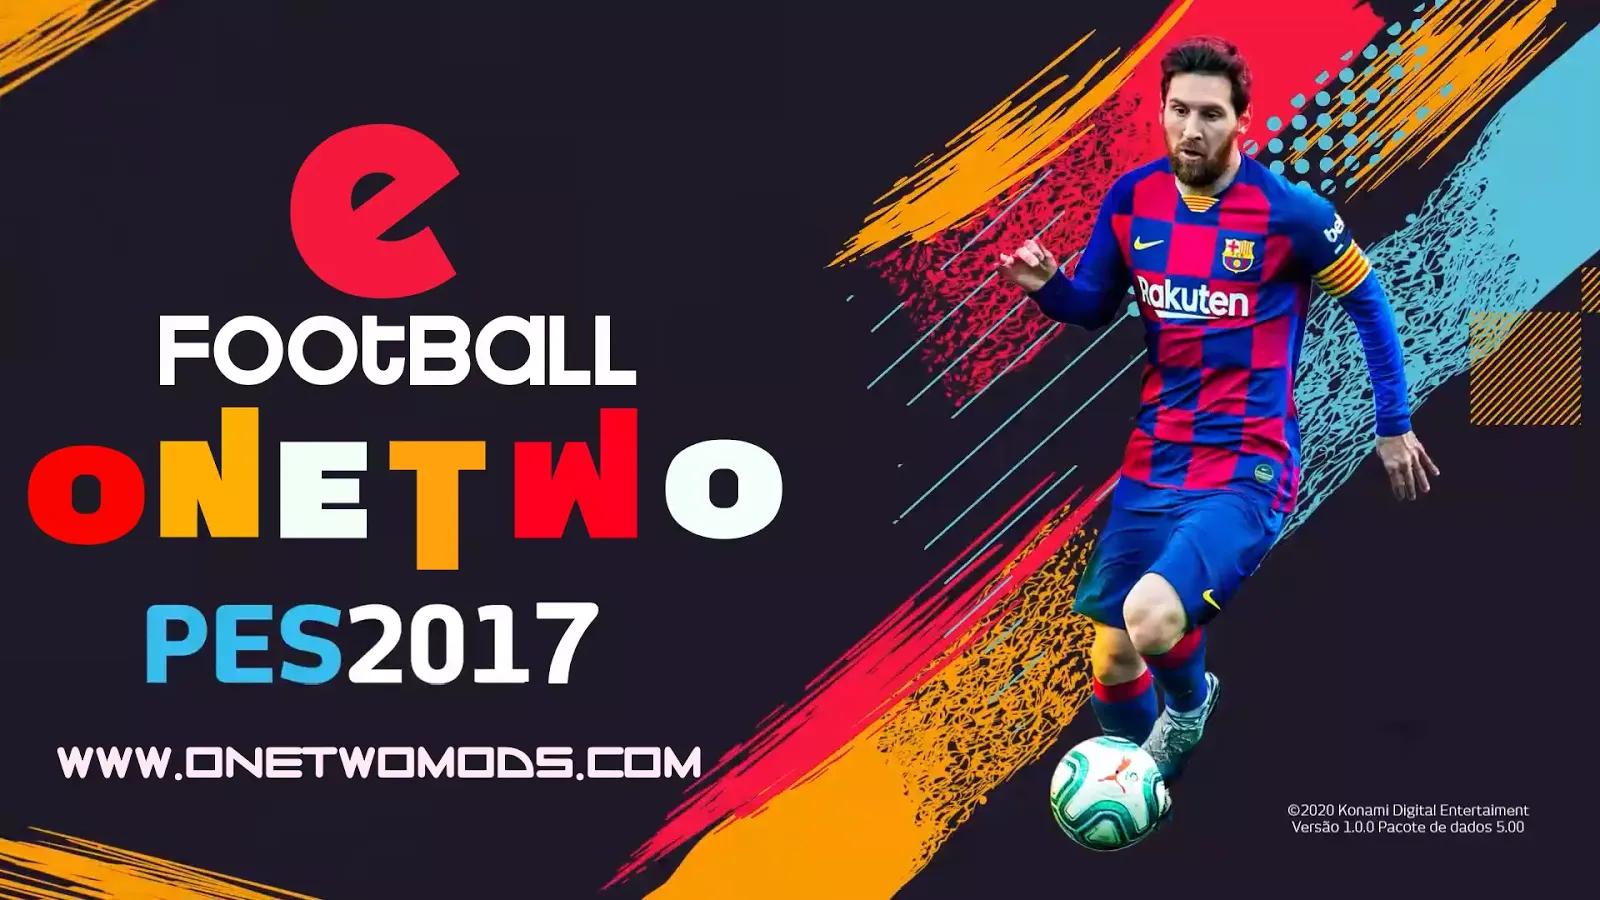 لعبة كرة القدم الشهيرة ONE TWO نسخة كاملة شاملة التحديثات والاضافات بحجم 30 جيجا